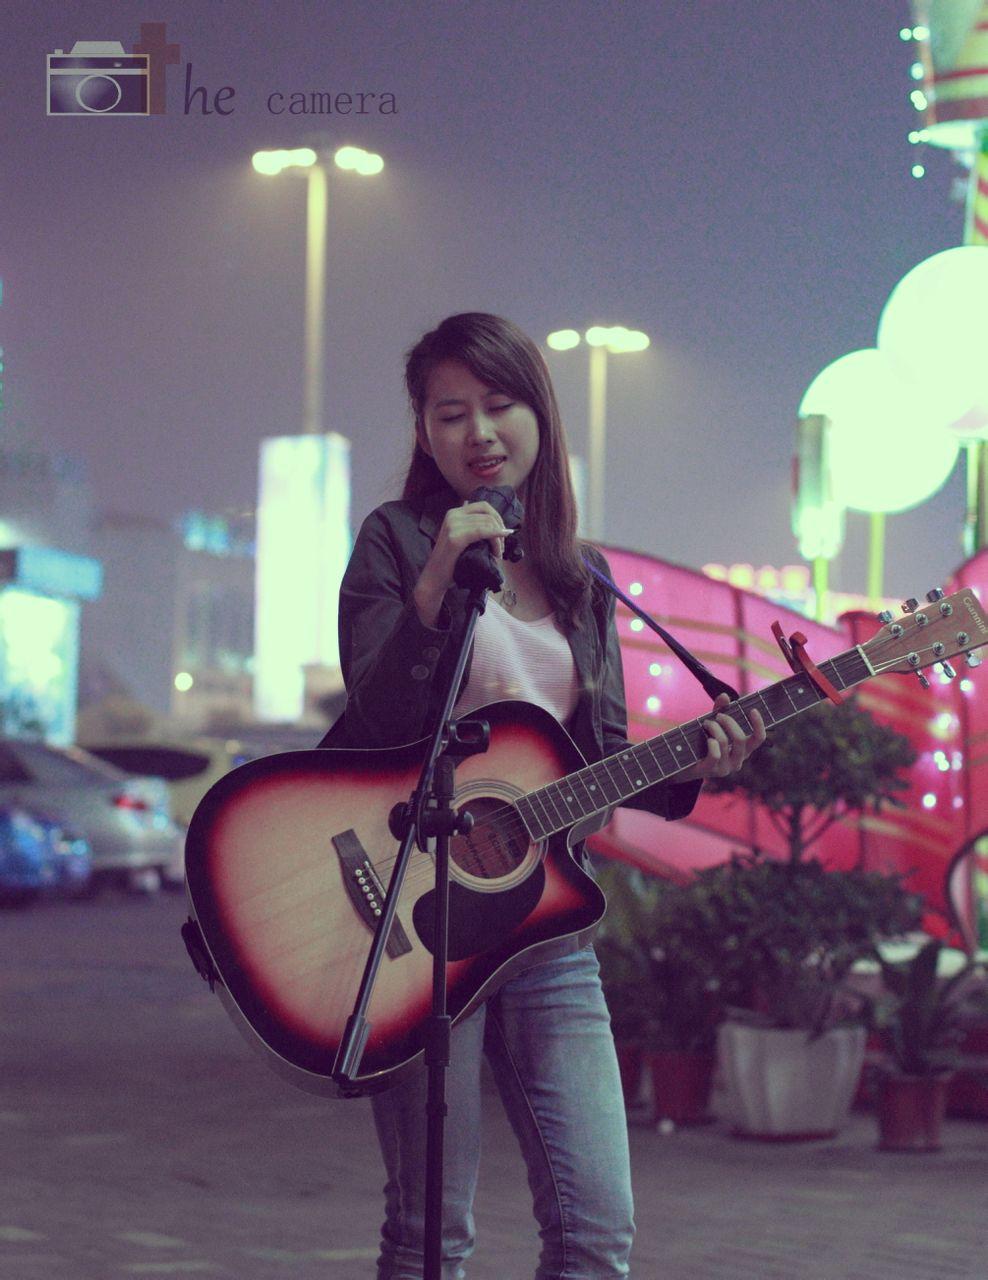 吉他 美女 肇庆学院摄影吧